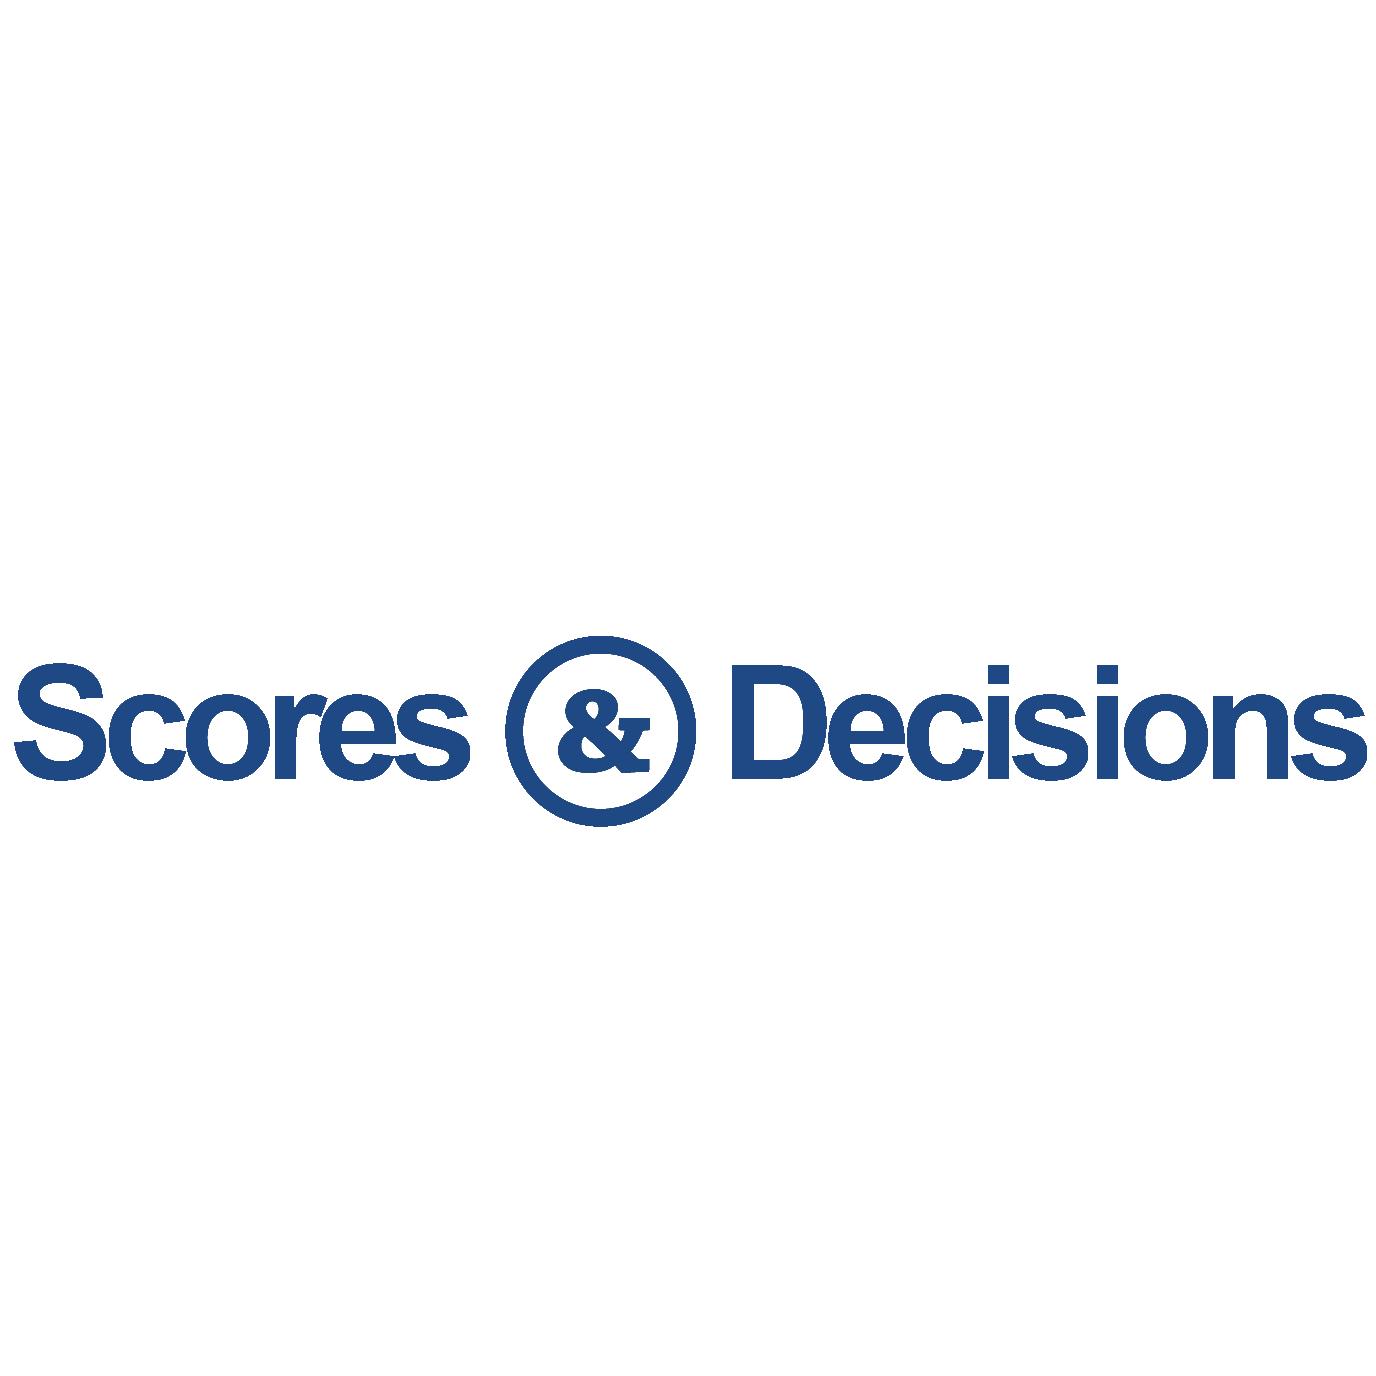 Scores et decisions 6f11ed67